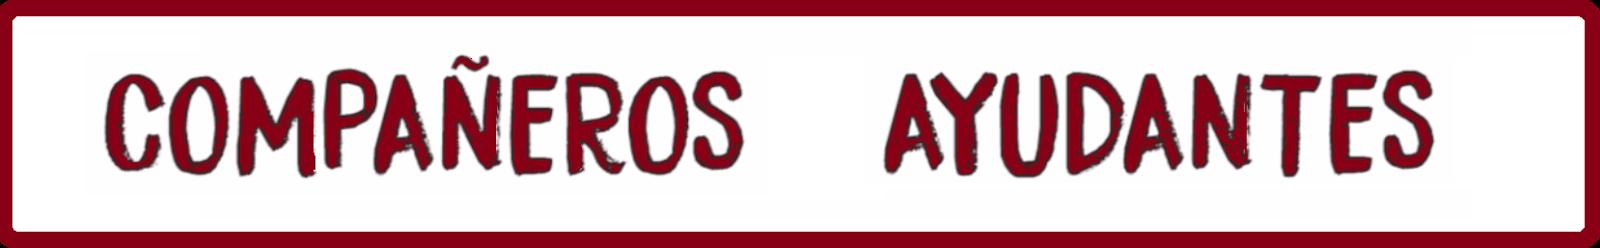 COMPAÑEROS AYUDANTES